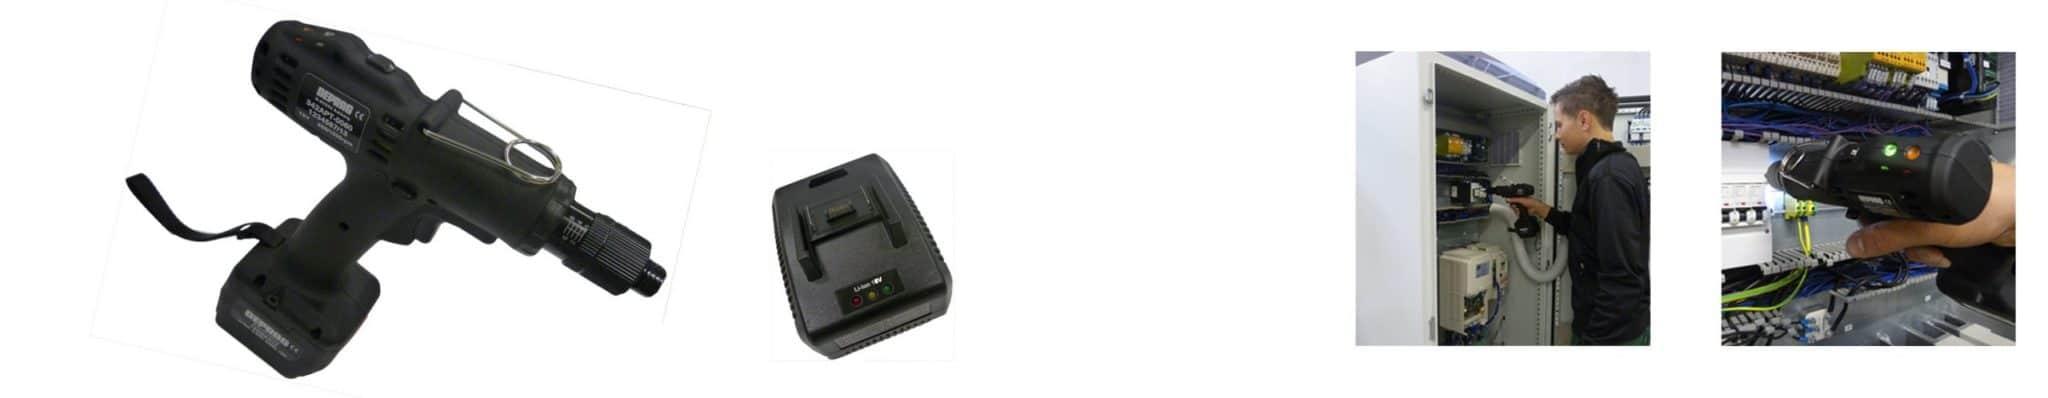 Eerste Draadloze schroevendraaier met automatische uitschakeling koppeling